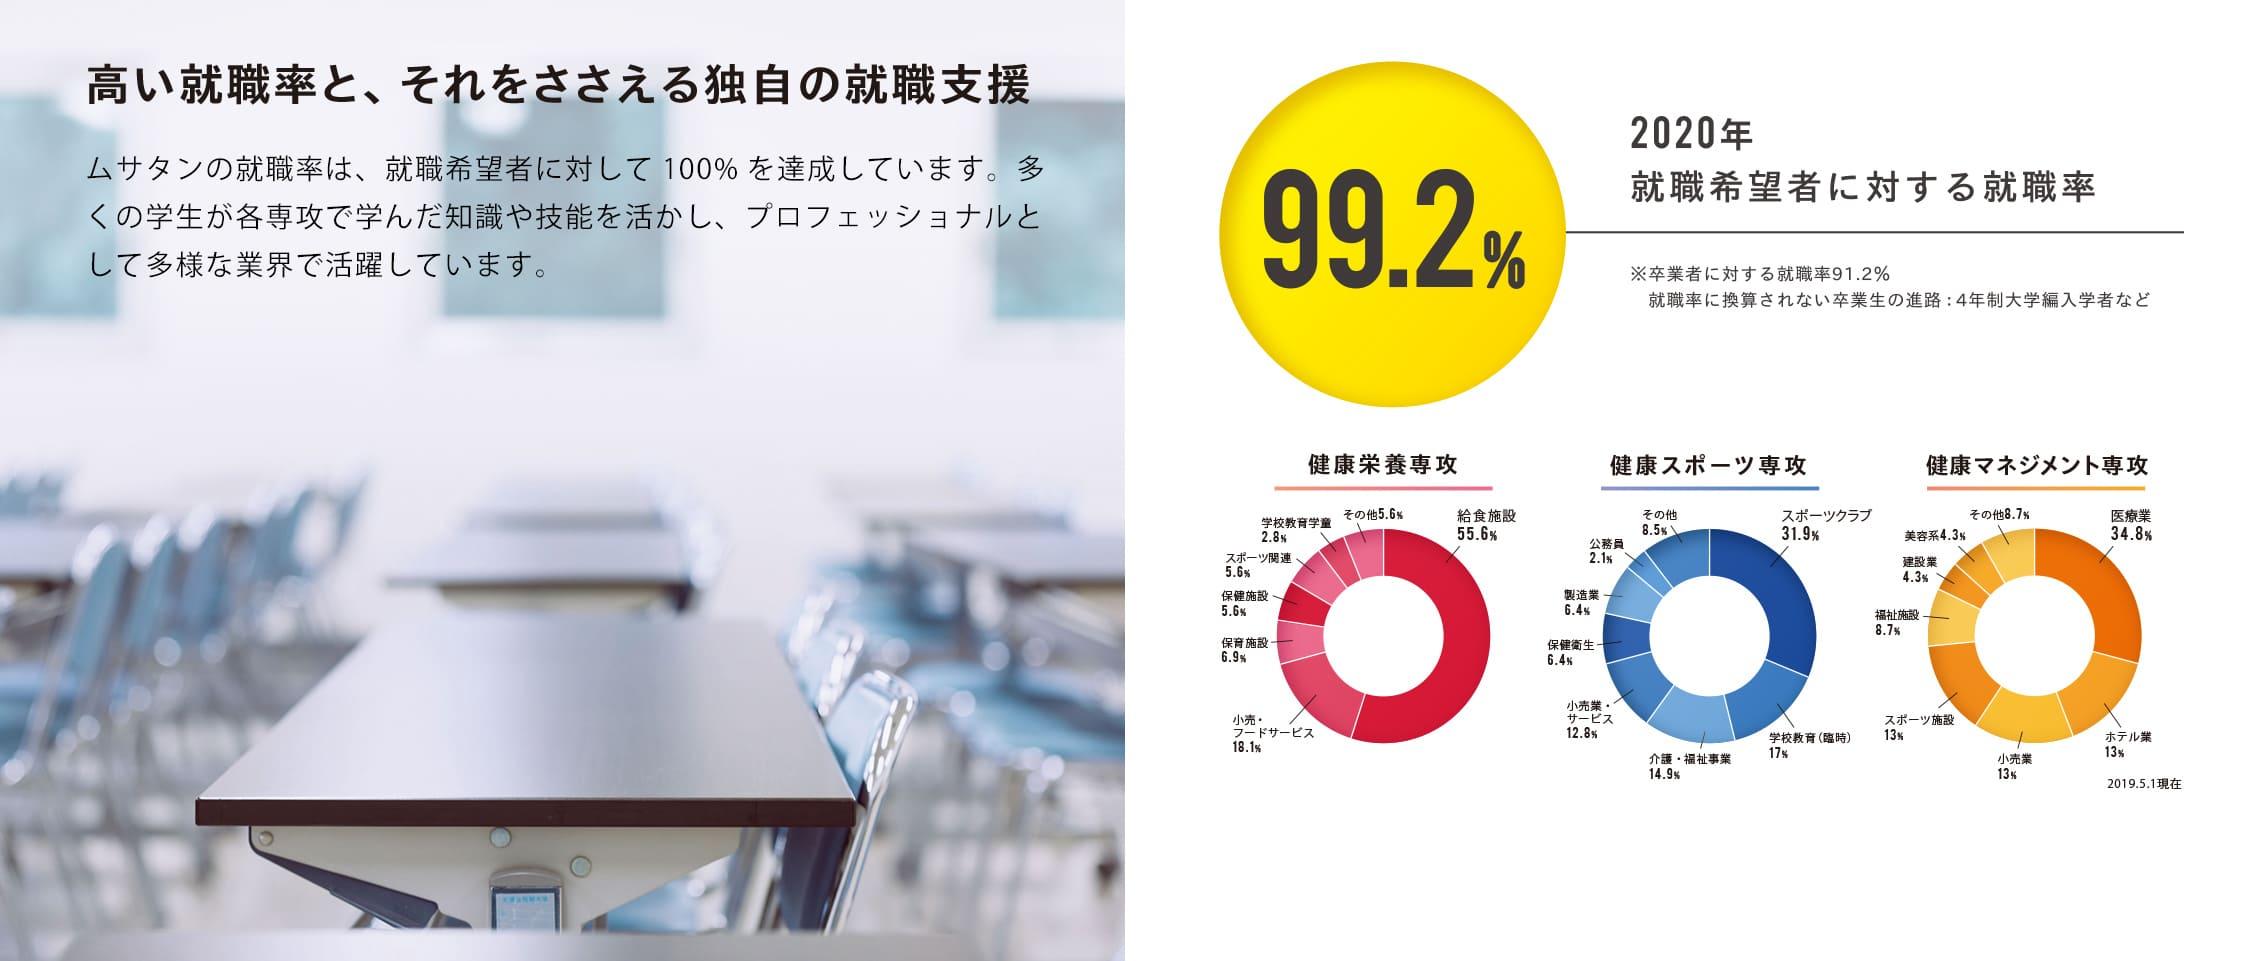 高い就職率と、それをささえる独自の就職支援 ムサタンの就職率は、就職希望者に対して100%を達成しています。多くの学生が各専攻で学んだ知識や技能を活かし、プロフェッショナルとして多様な業界で活躍しています。 100% 2019年就職希望者に対する就職率 ※卒業者に対する就職率87.3% 就職率に換算されない卒業生の進路:4年制大学編入者、臨時的任用教職員(中学校、小学校の臨採教員)など 健康栄養専攻 健康スポーツ専攻 健康マネジメント専攻